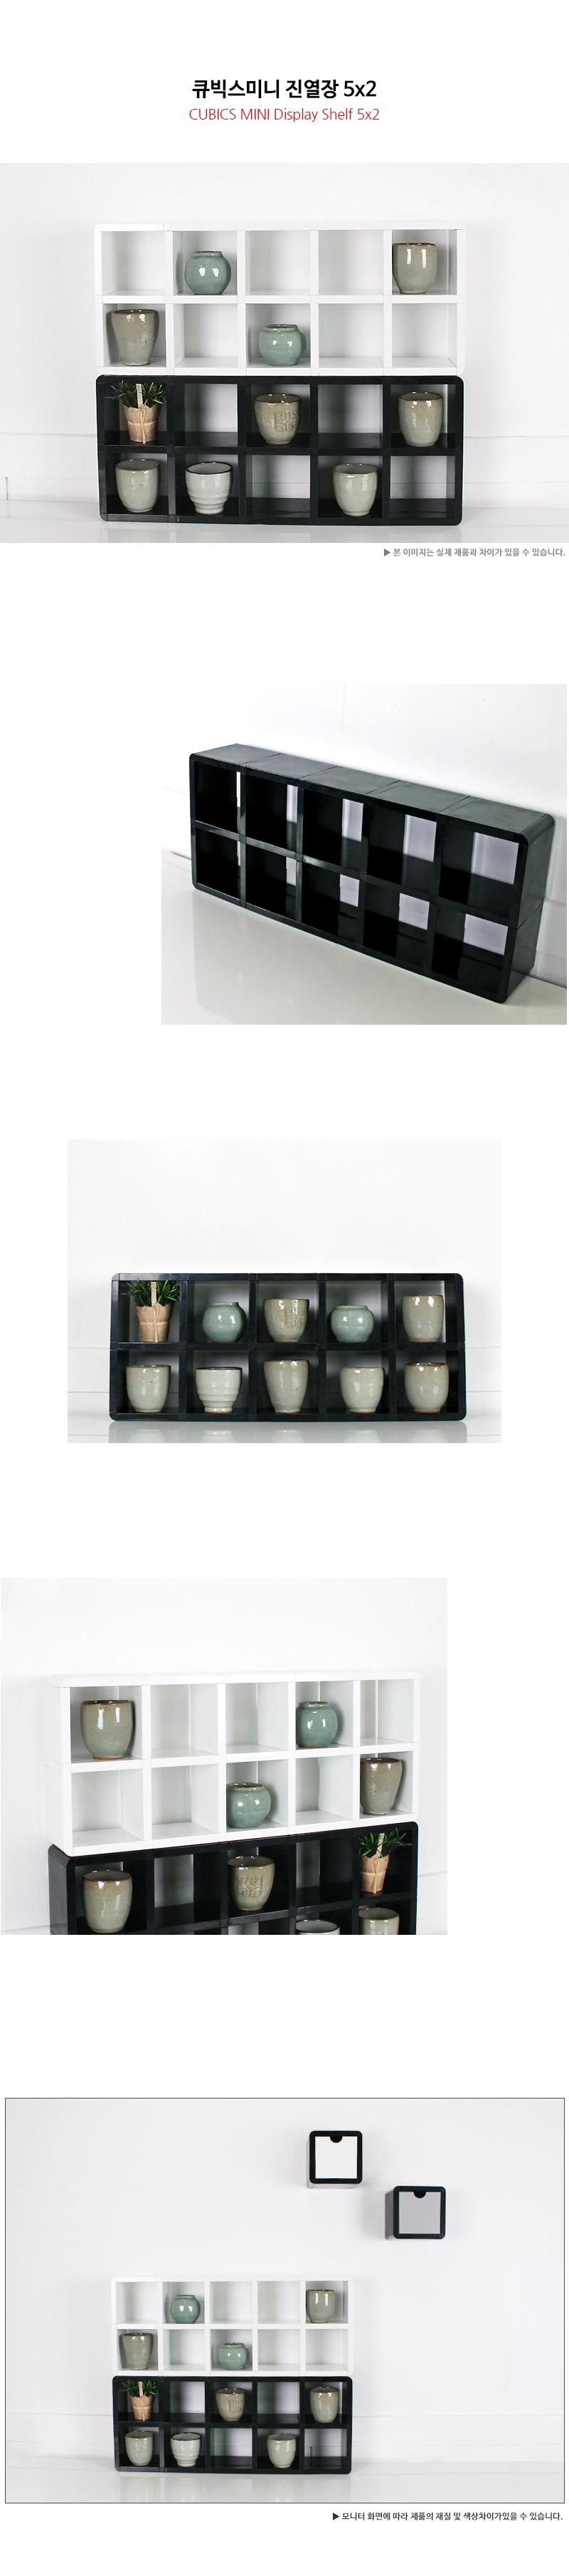 큐빅스미니 진열장 5X2 - 큐빅스미니, 68,400원, 주방수납용품, 수납함